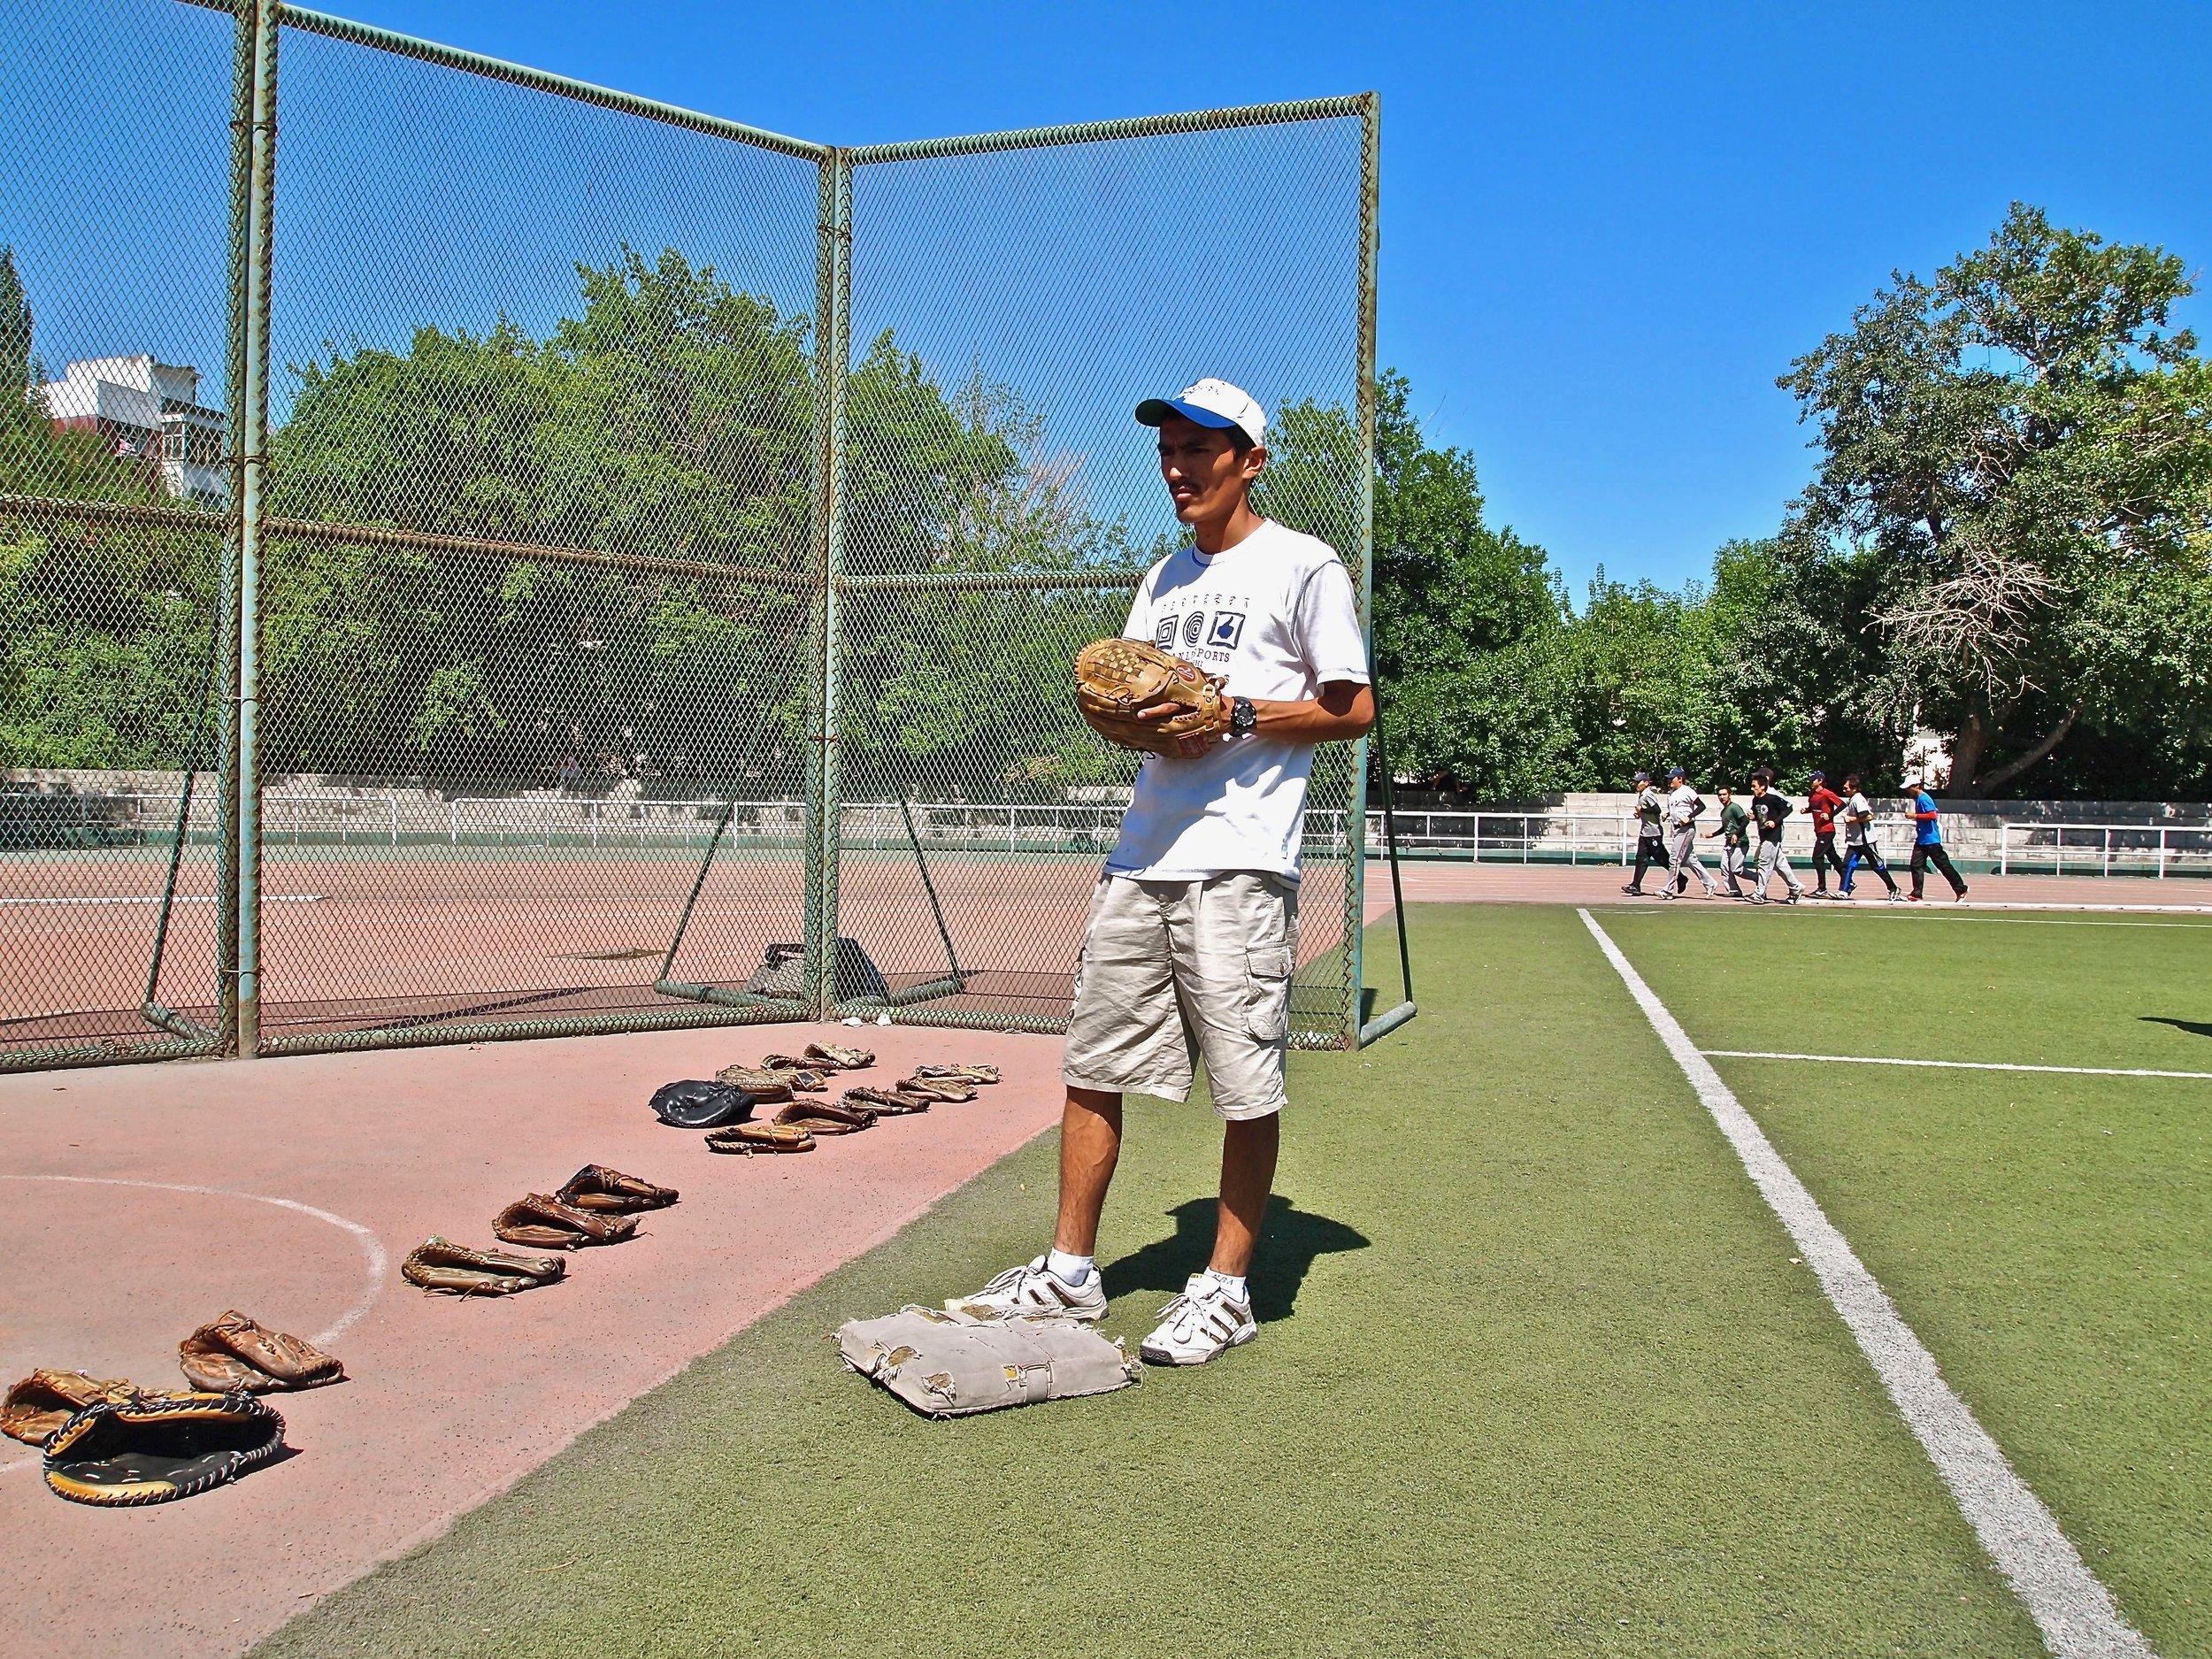 Baseball coach Parhat Ablat at a training of his Xinjiang Airplane Cats team at Urumqi University in Xinjiang, China. (C) Remko Tanis